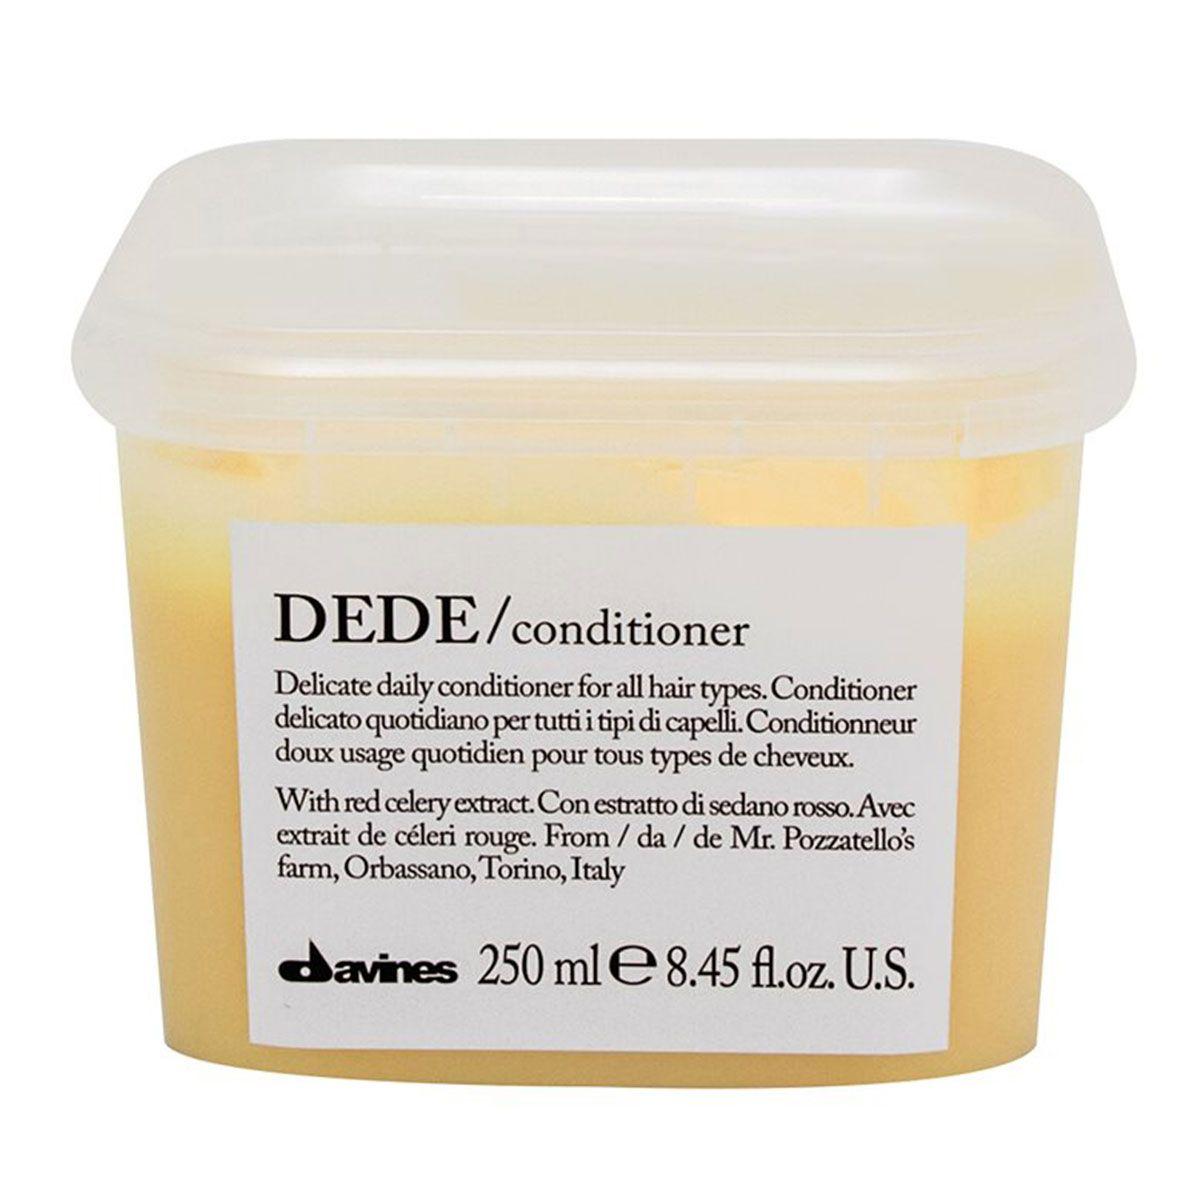 Davines Деликатный кондиционер Essential Haircare New Dede Conditioner, 250 мл увлажняющий мусс davines more inside авторские продукты для стайлинга 250 мл